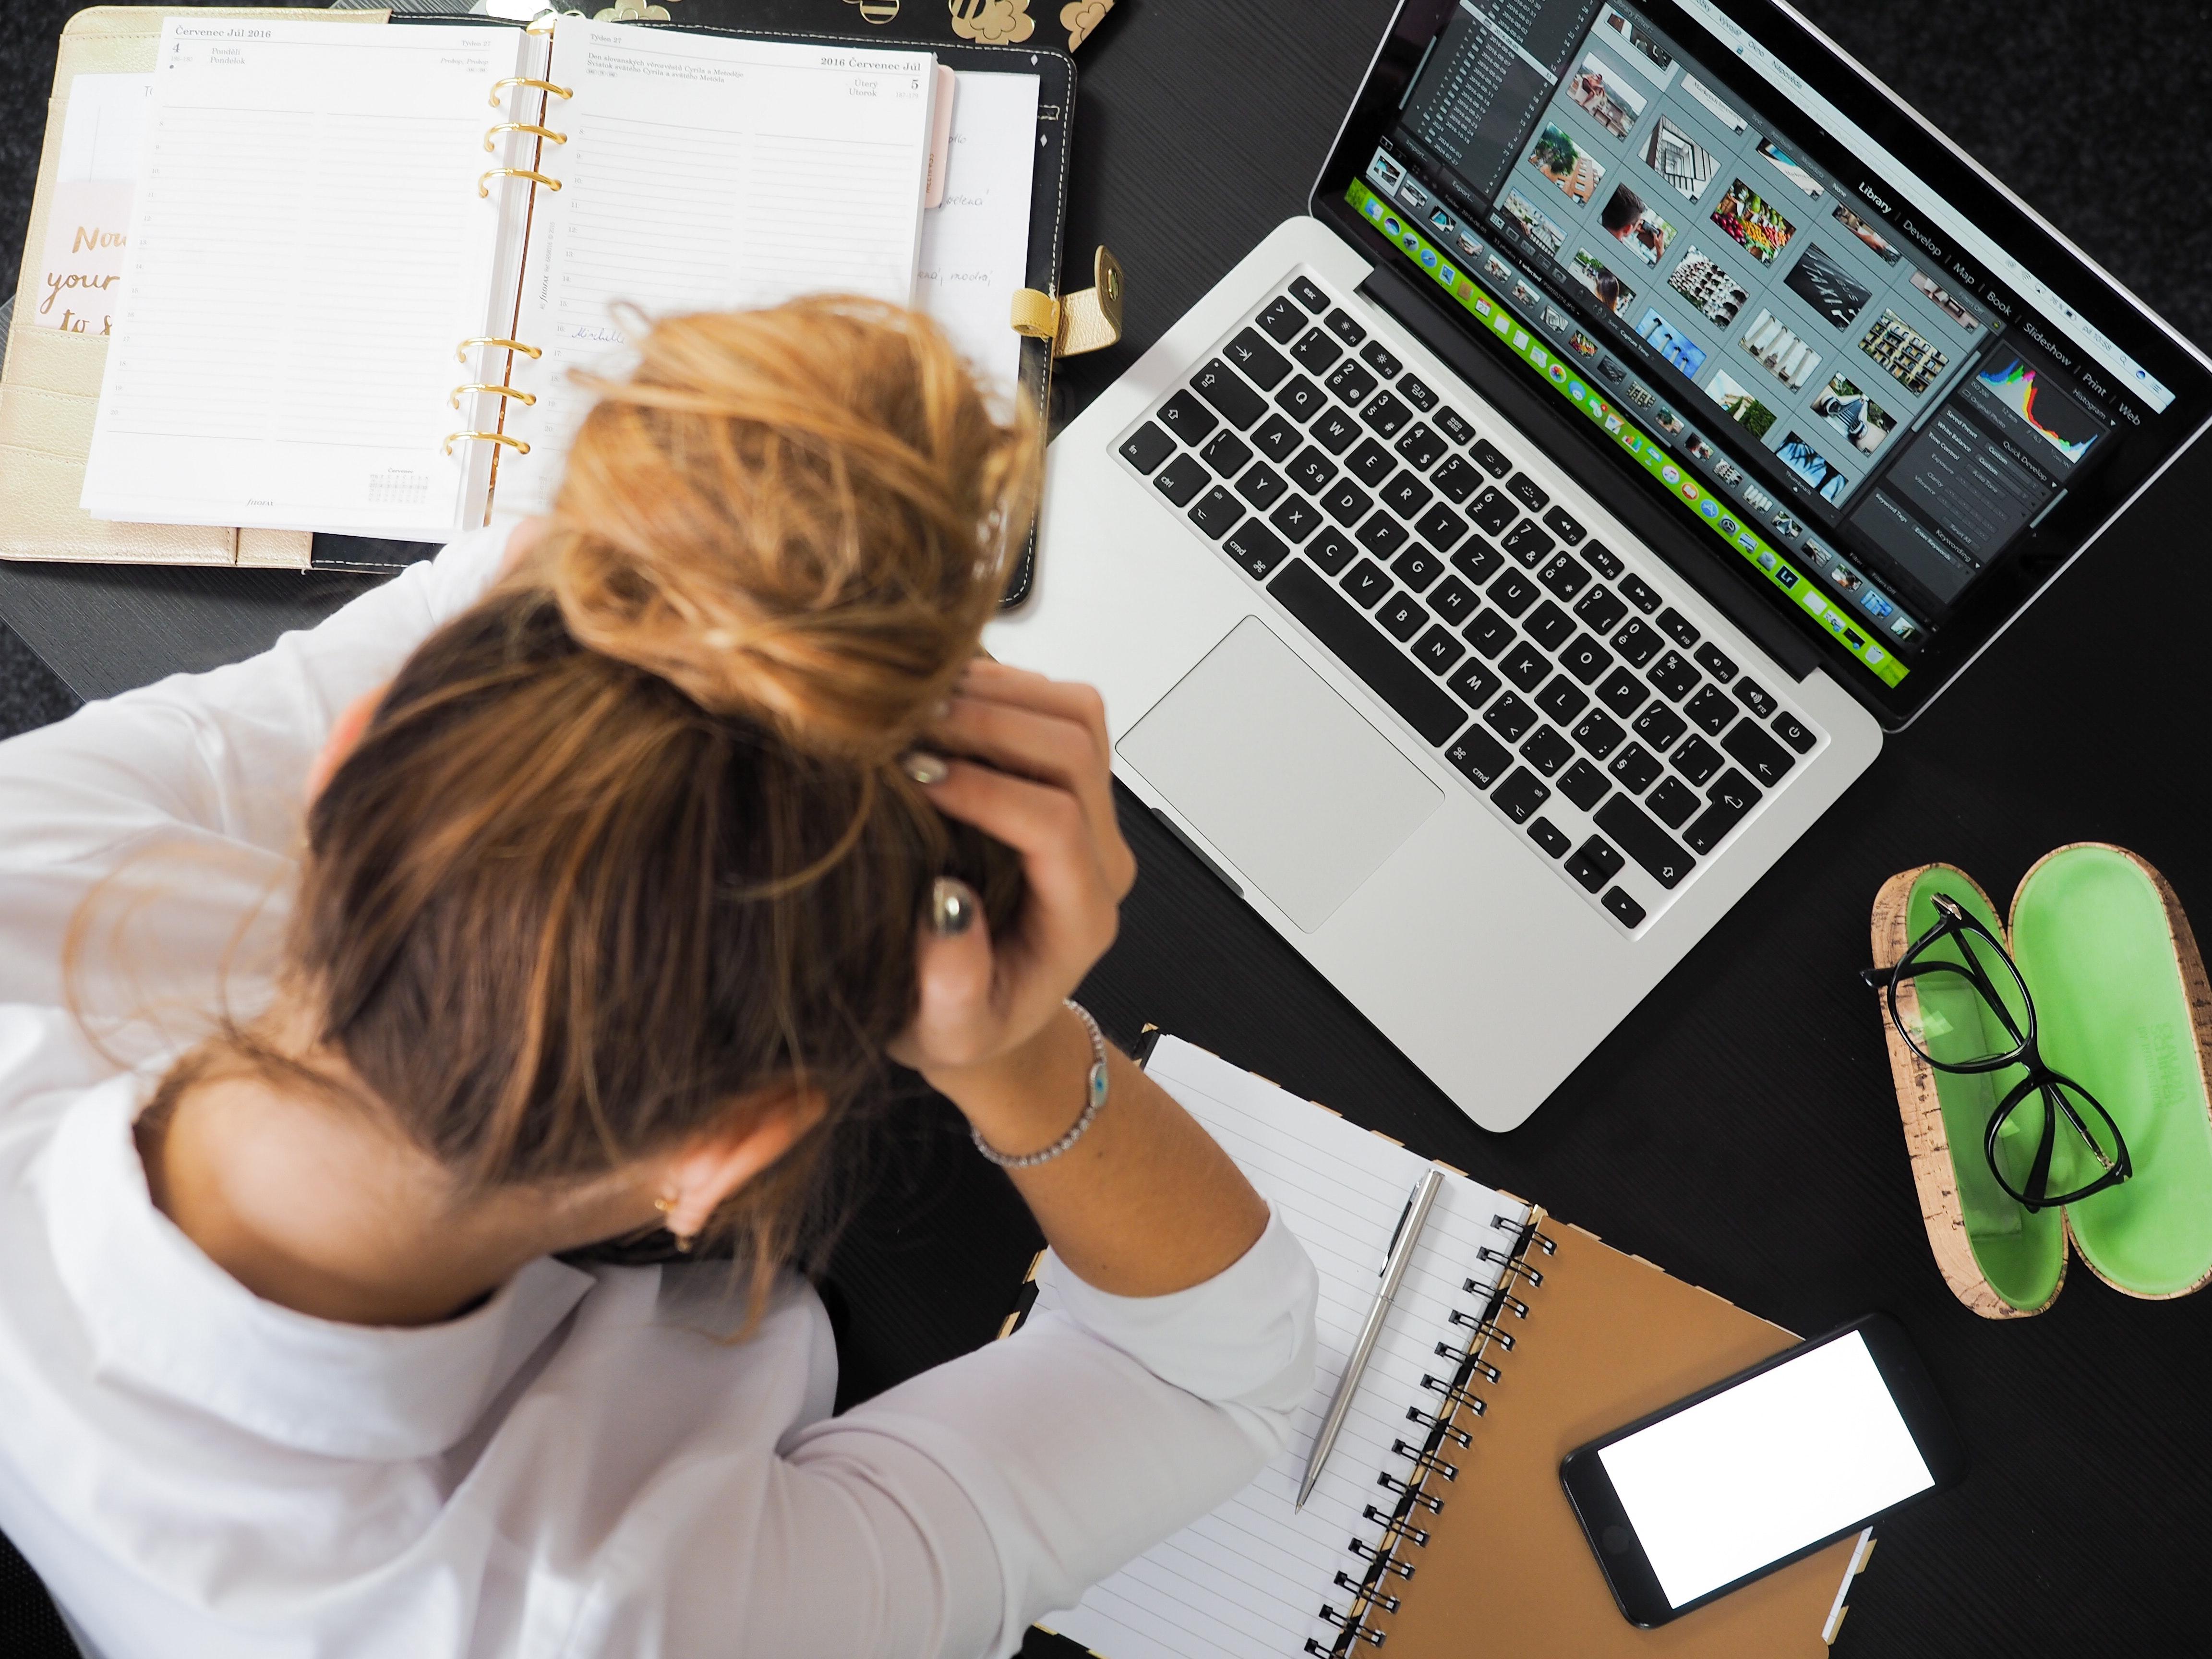 Une femme souffrant de stress au travail à son bureau